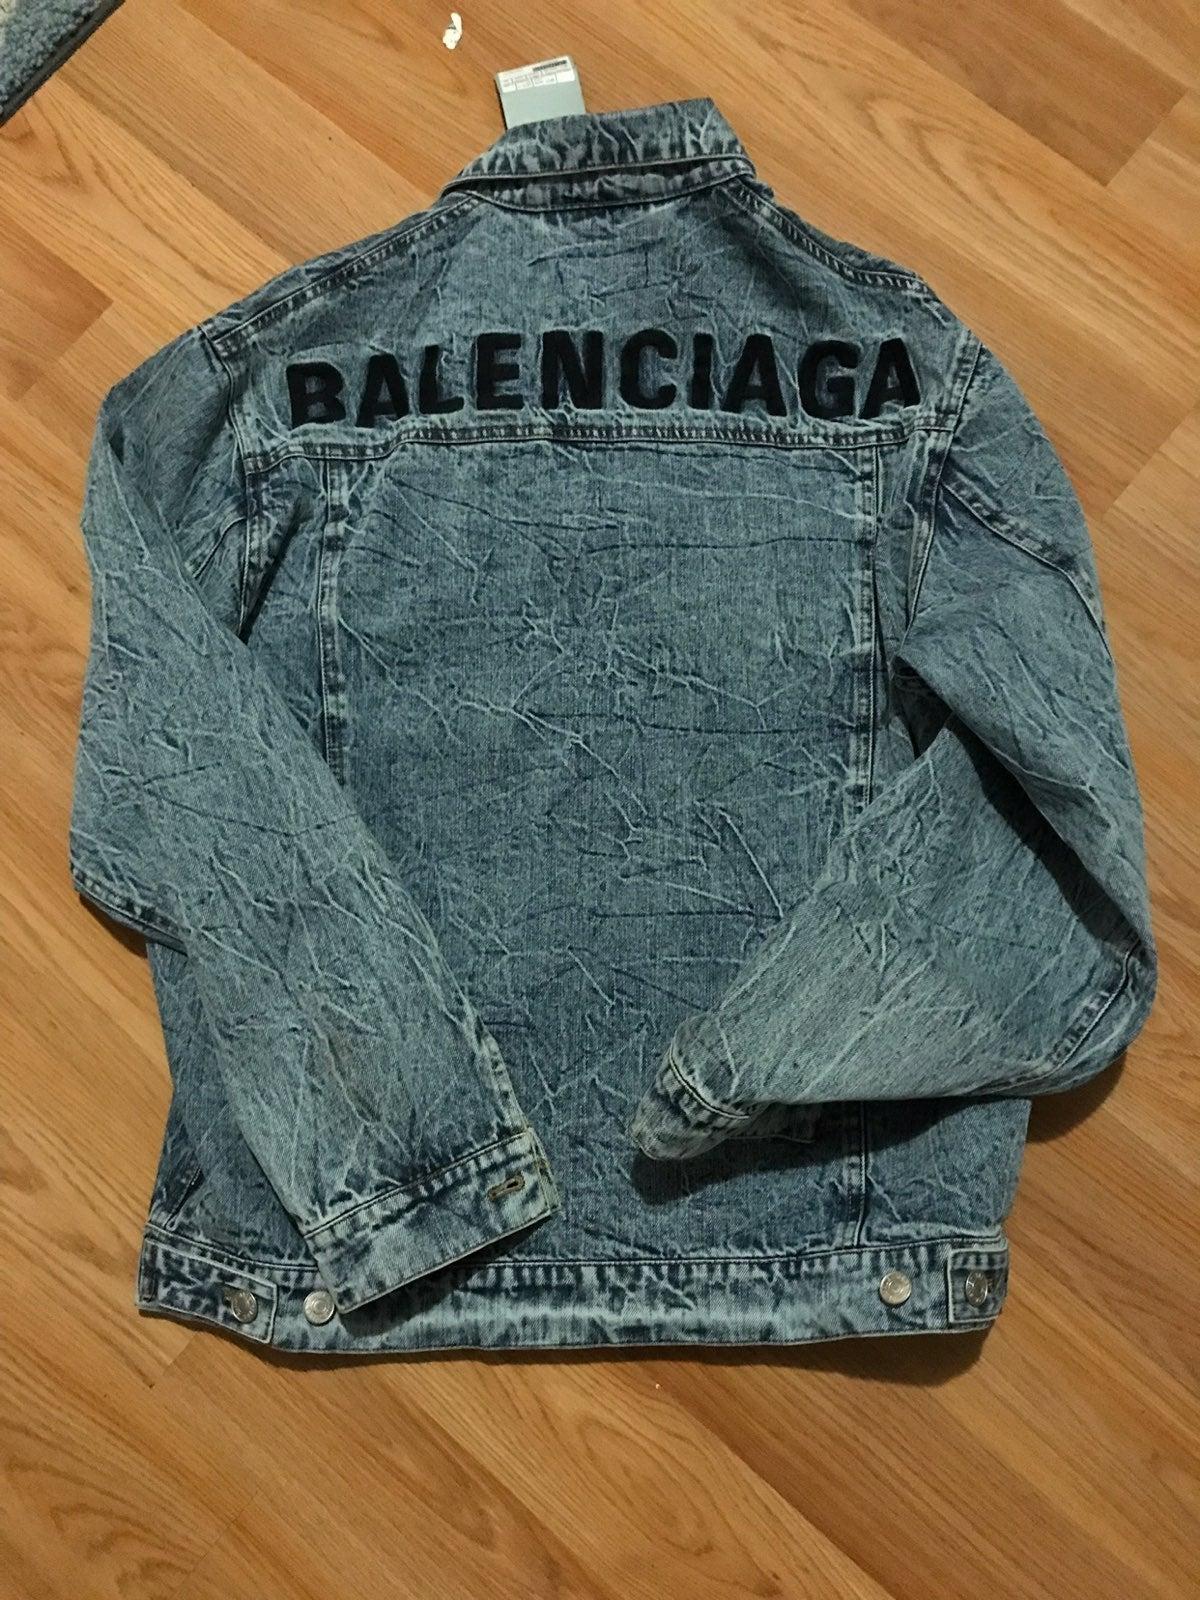 Balenciaga logo oversized denim jacket